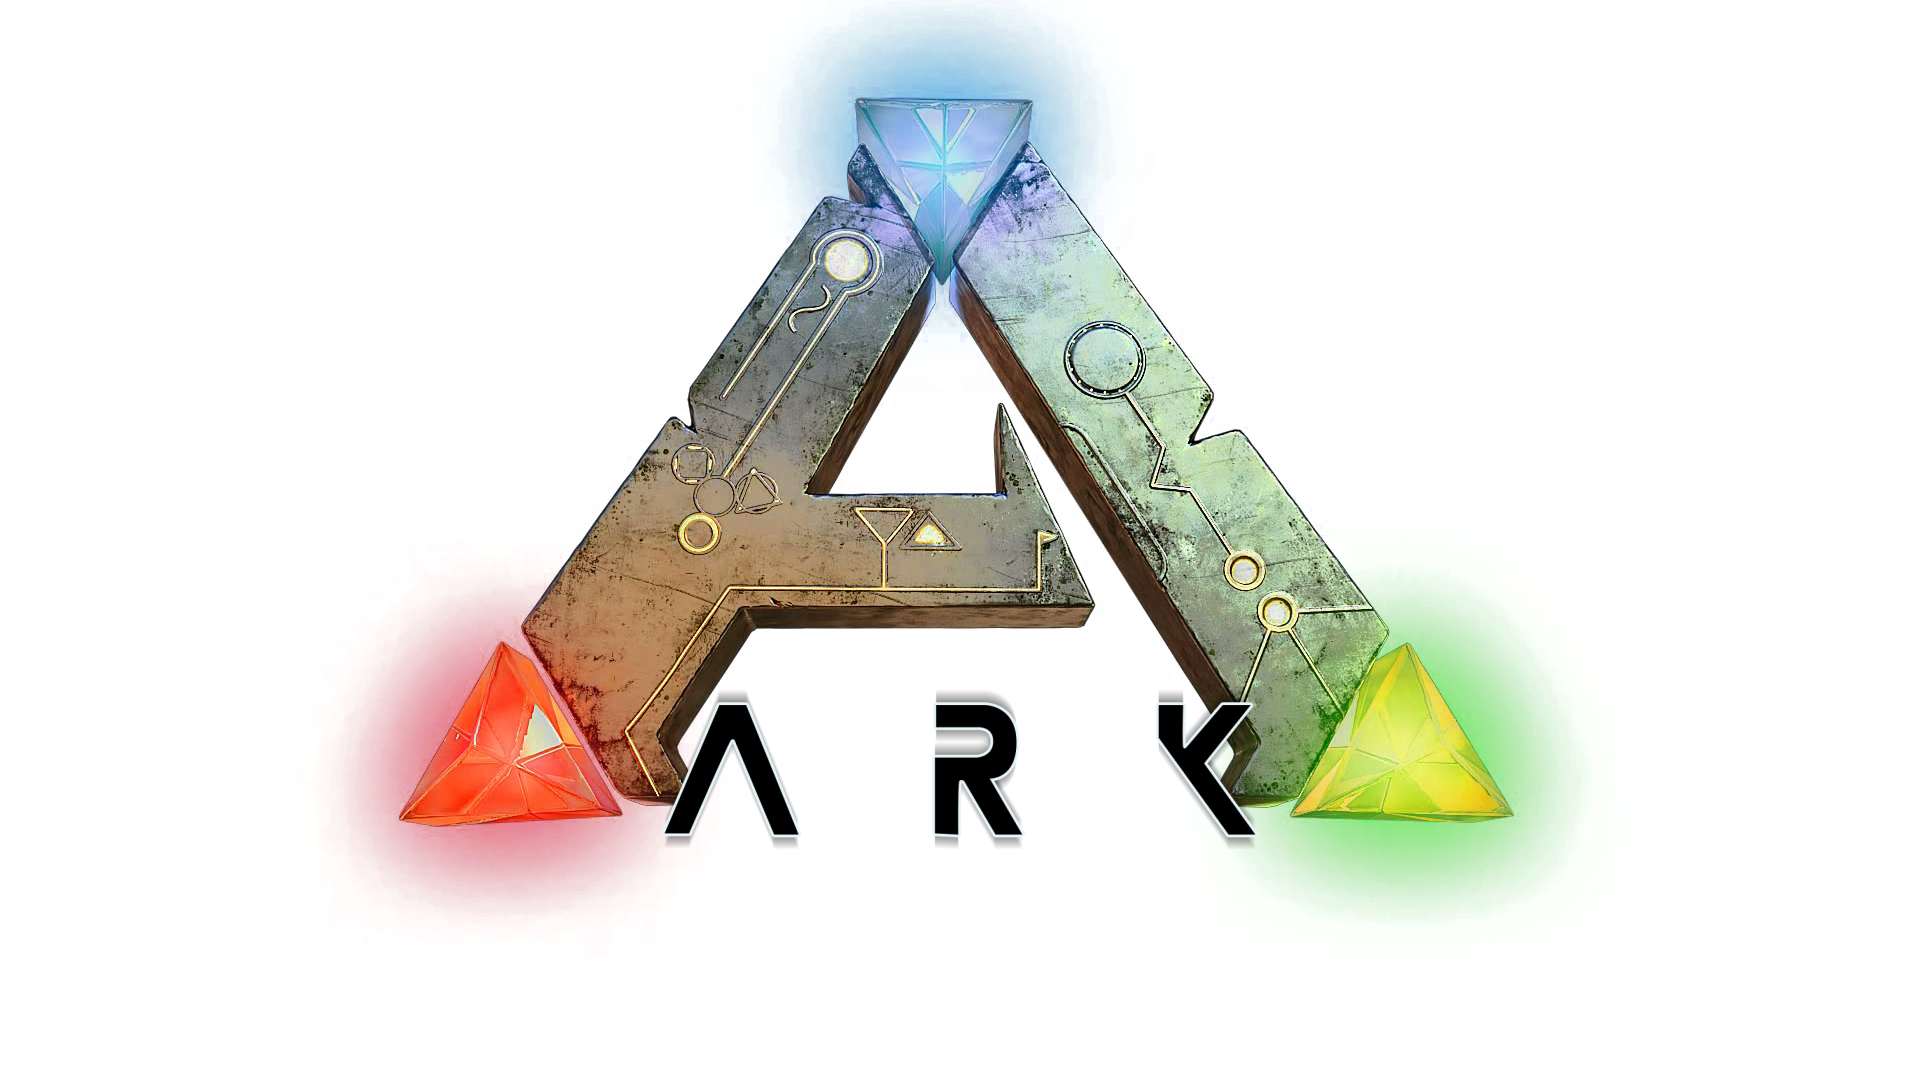 Resultado de imagem para ark survival evolved logo png